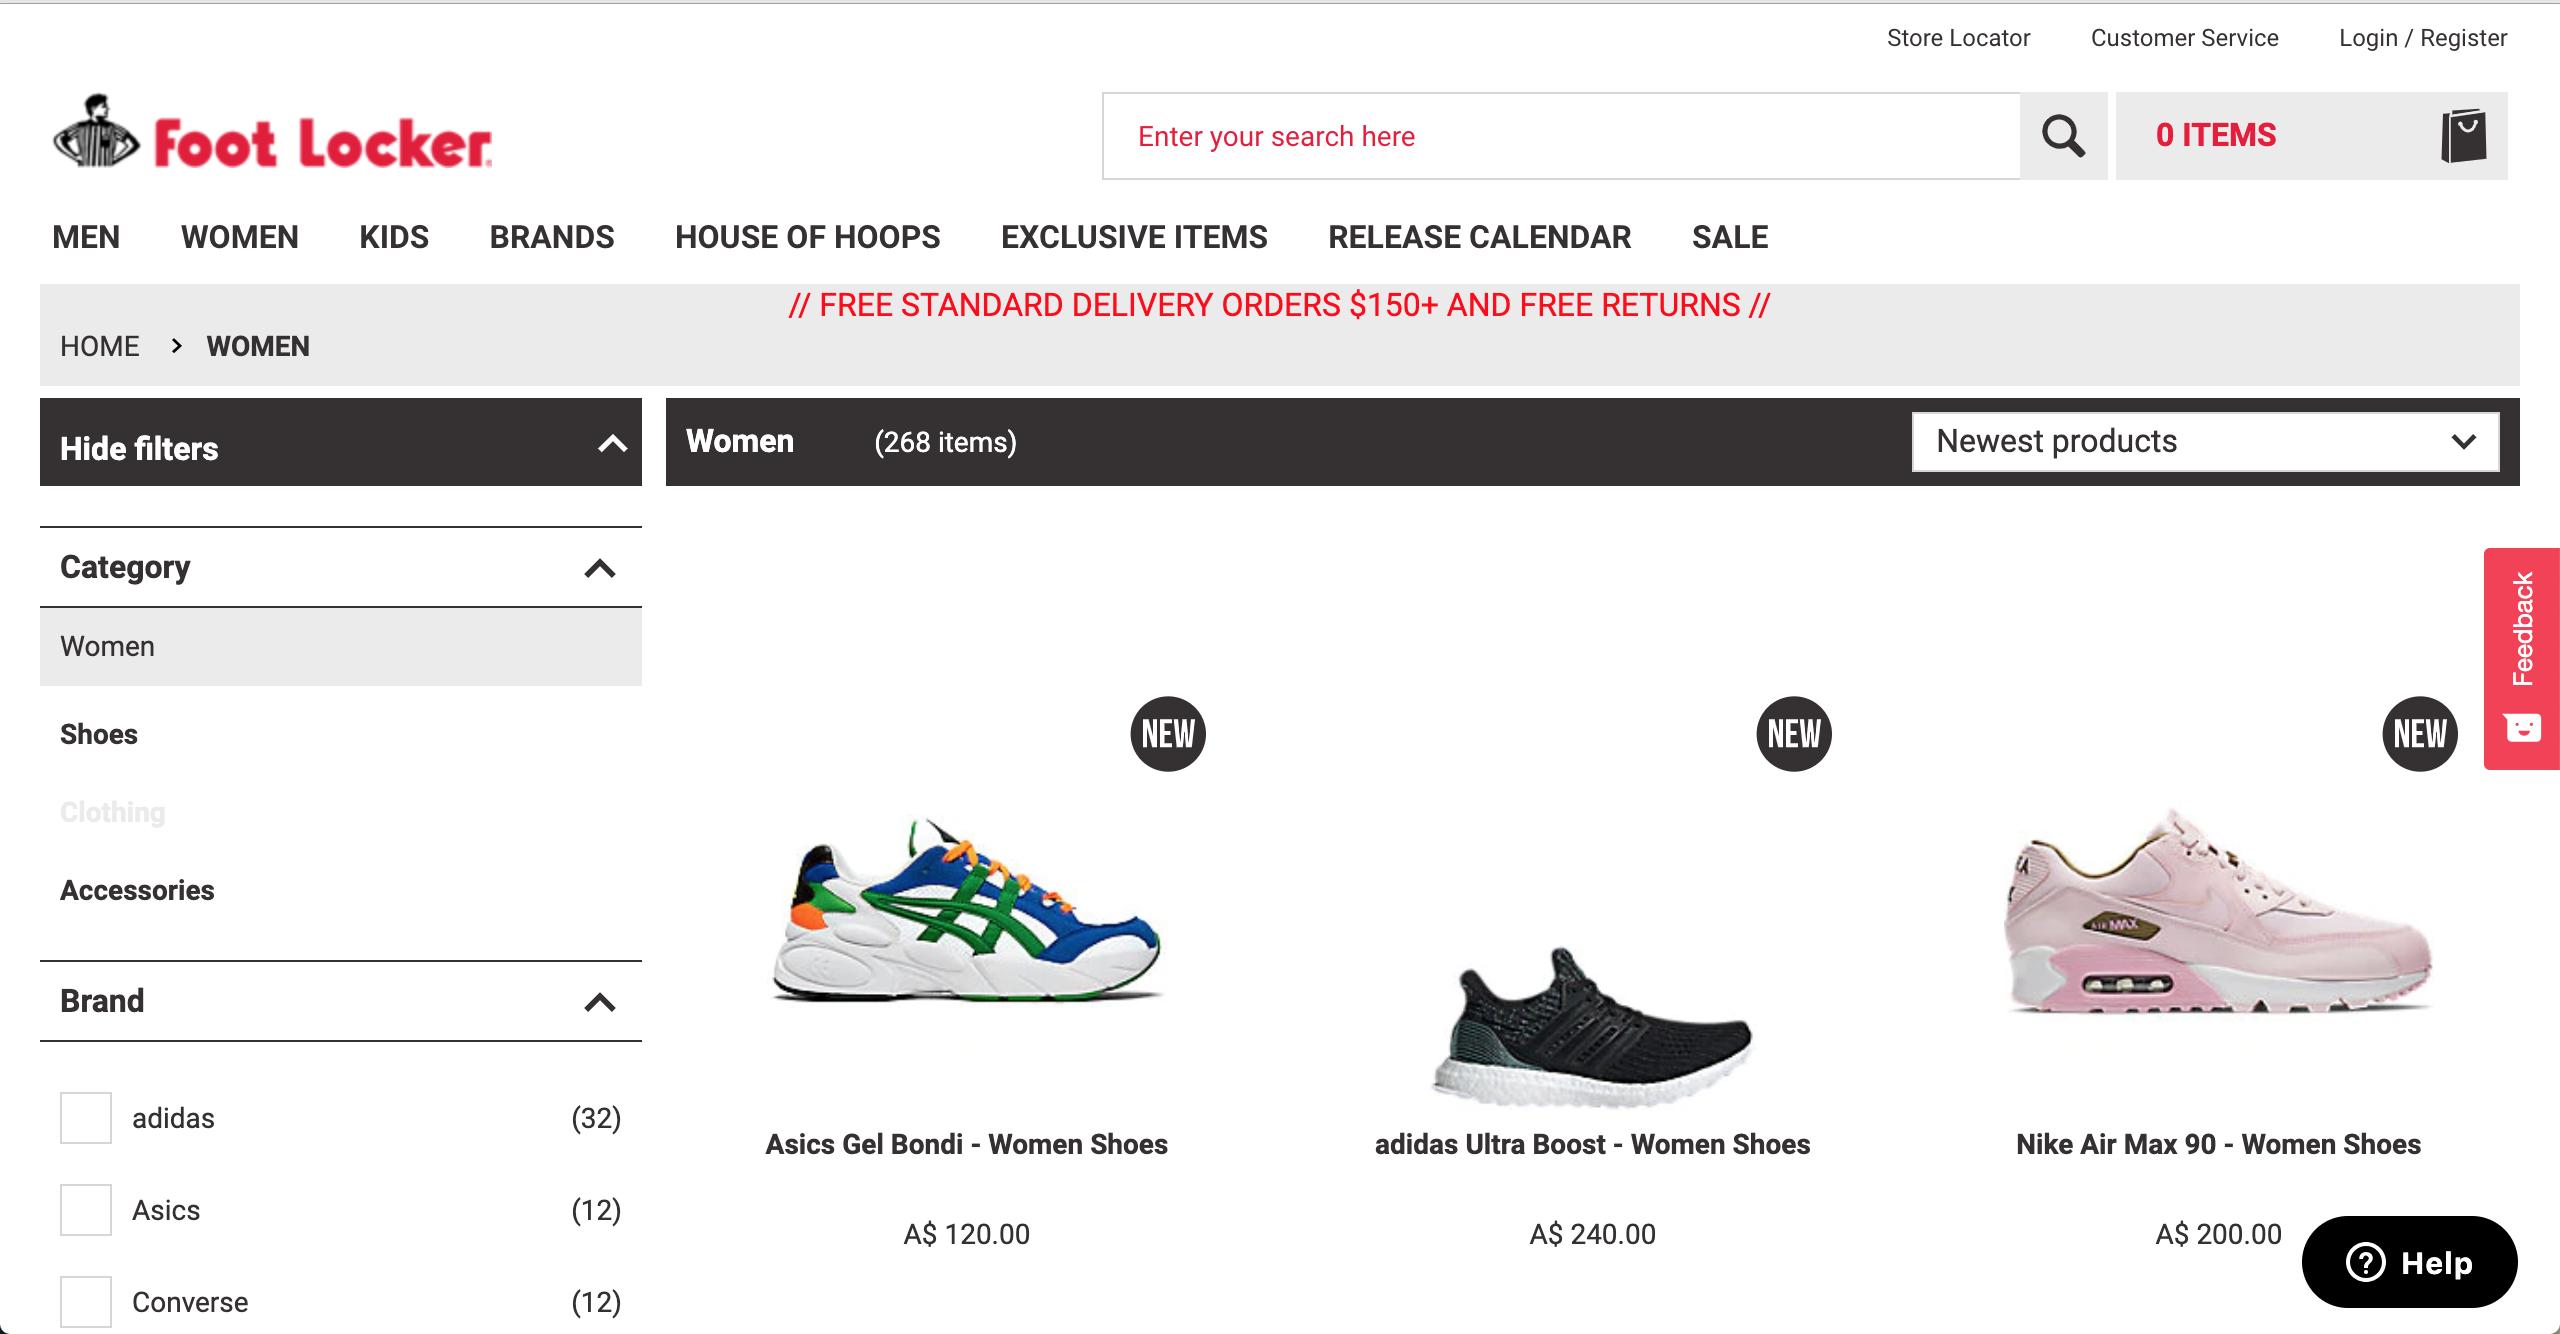 Foot Locker Women's product page